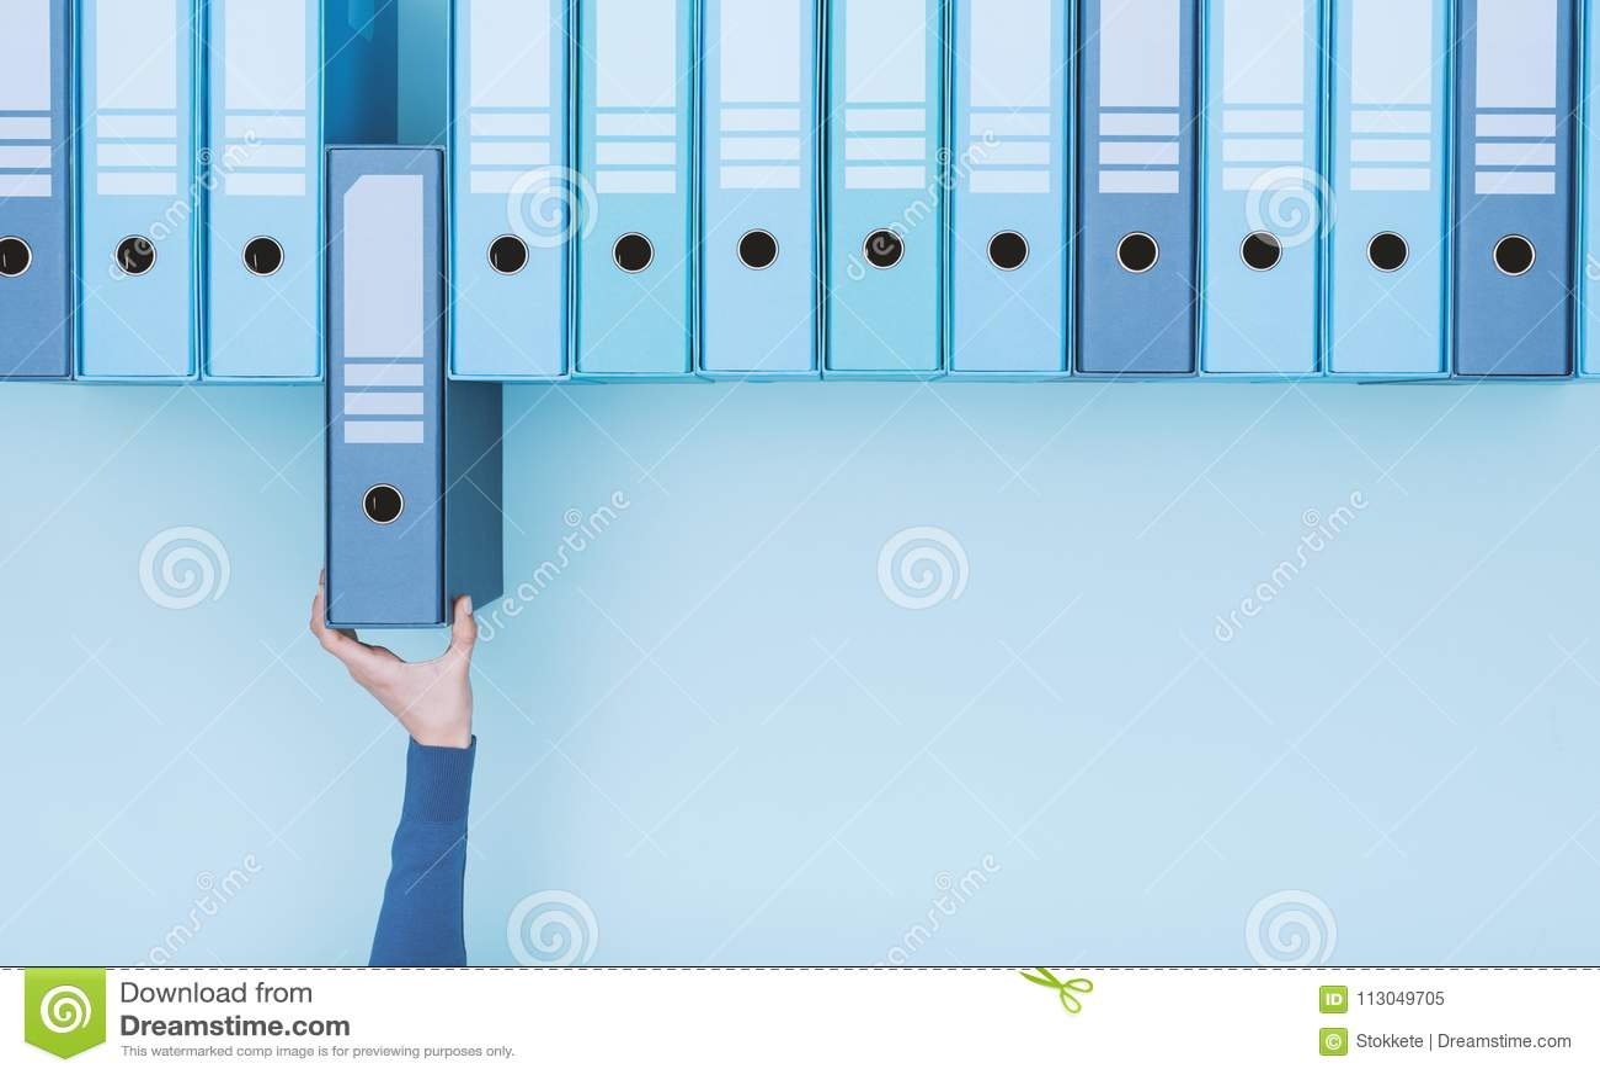 Beambte die een omslag in het archief nemen